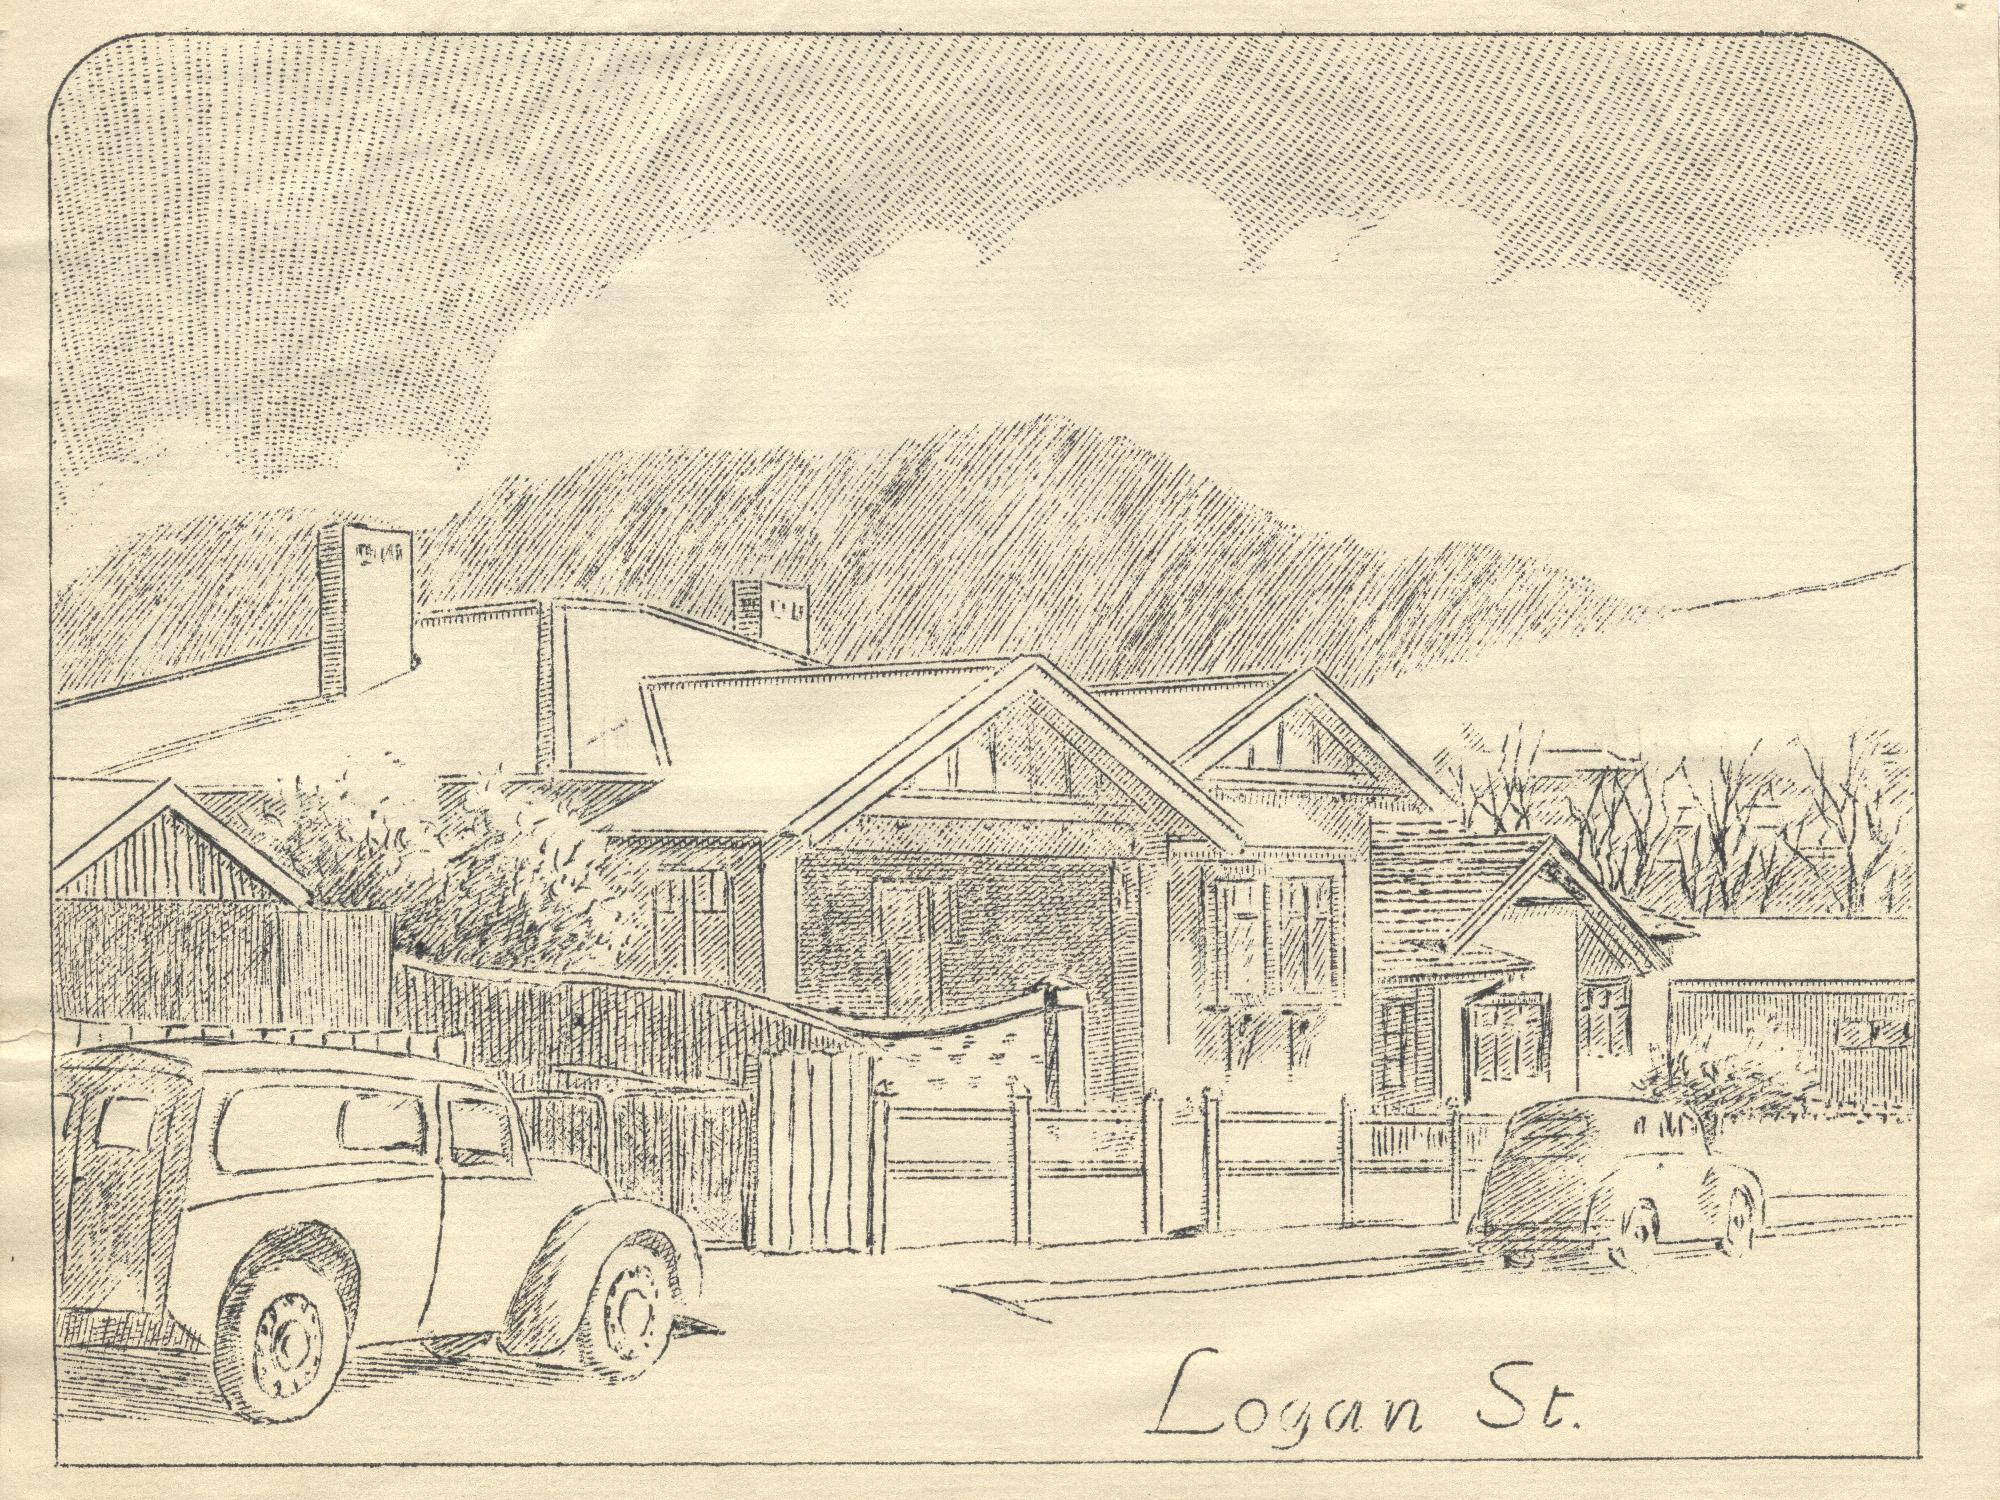 Logan Street